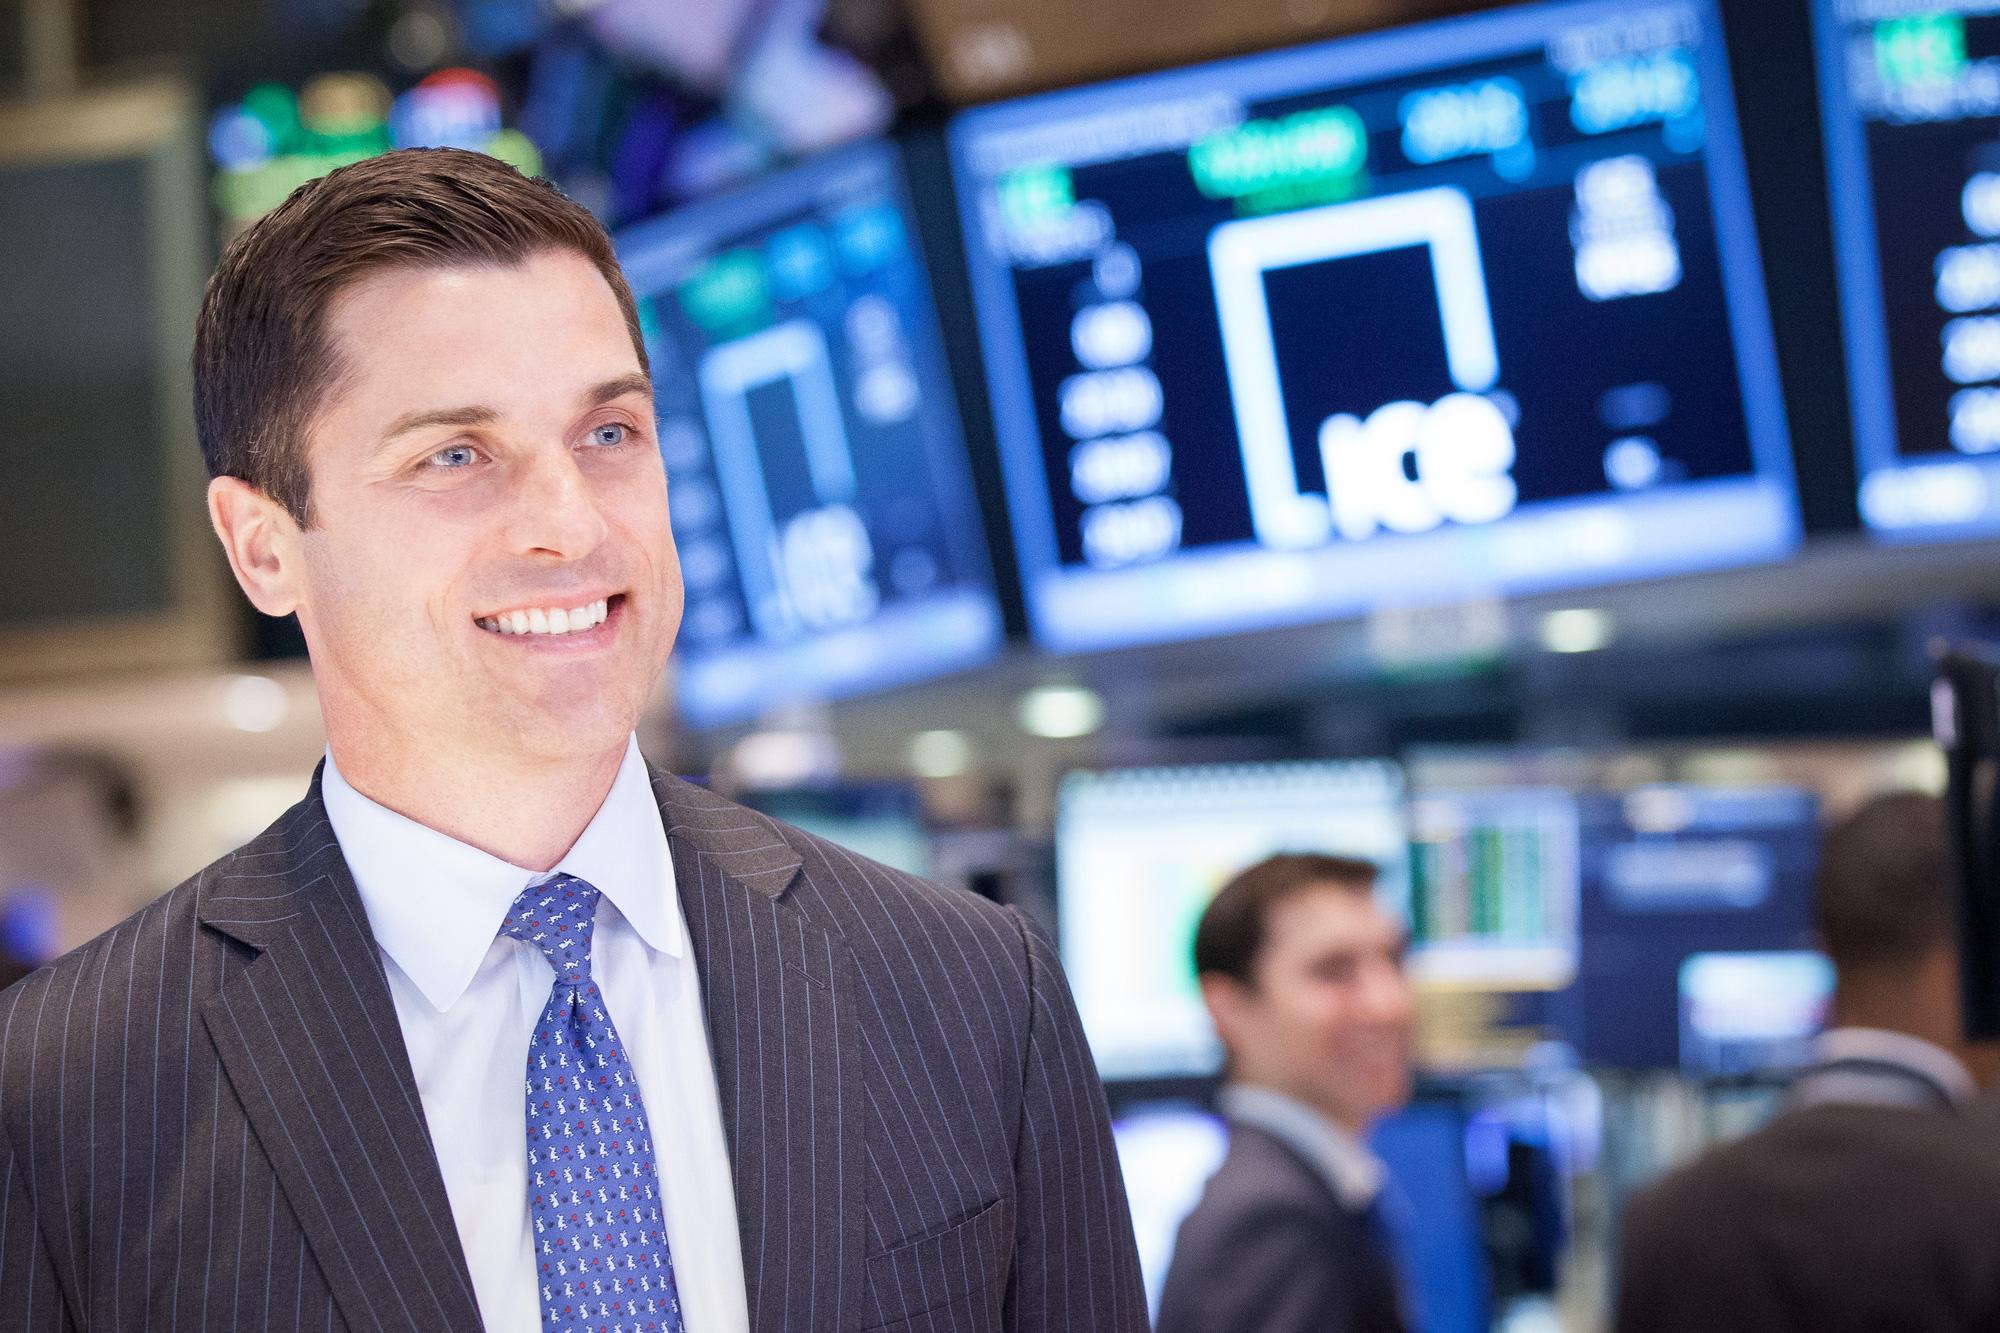 Chứng khoán Mỹ khởi sắc trong phiên giao dịch đầu tuần, Dow Jones tăng 410 điểm - Ảnh 1.